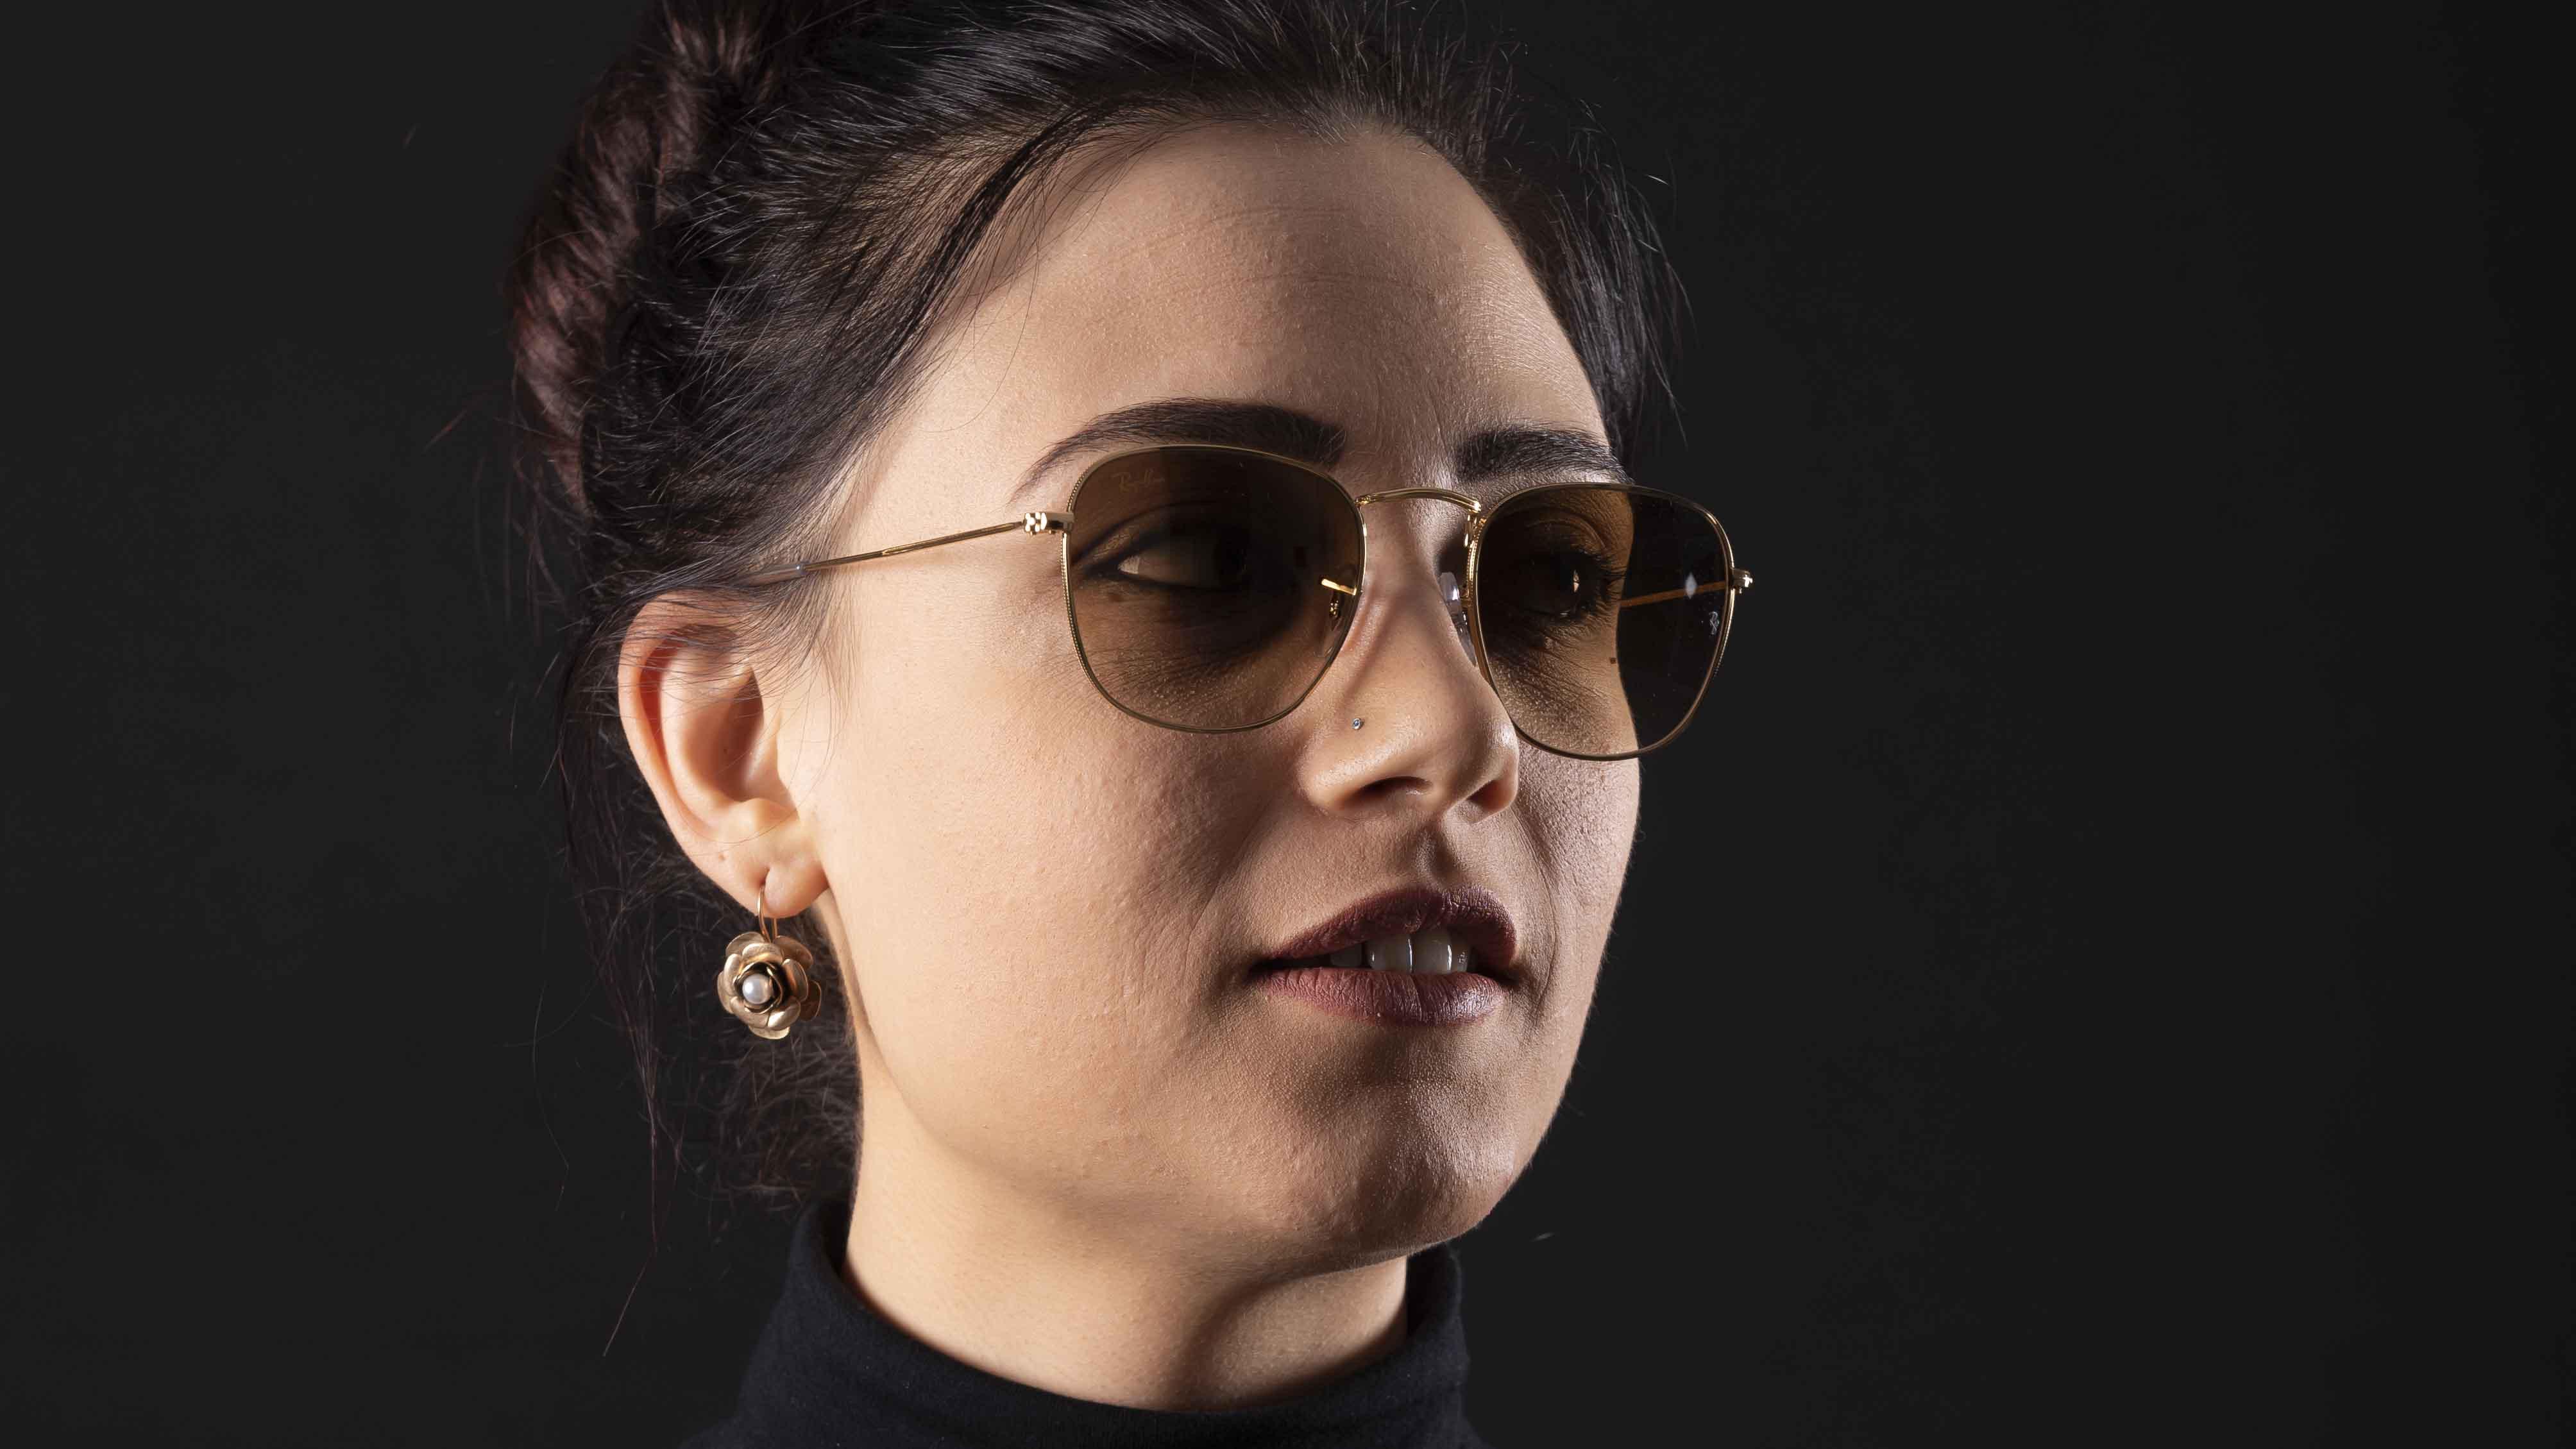 I 4 occhiali da sole iconici che non passeranno mai di moda